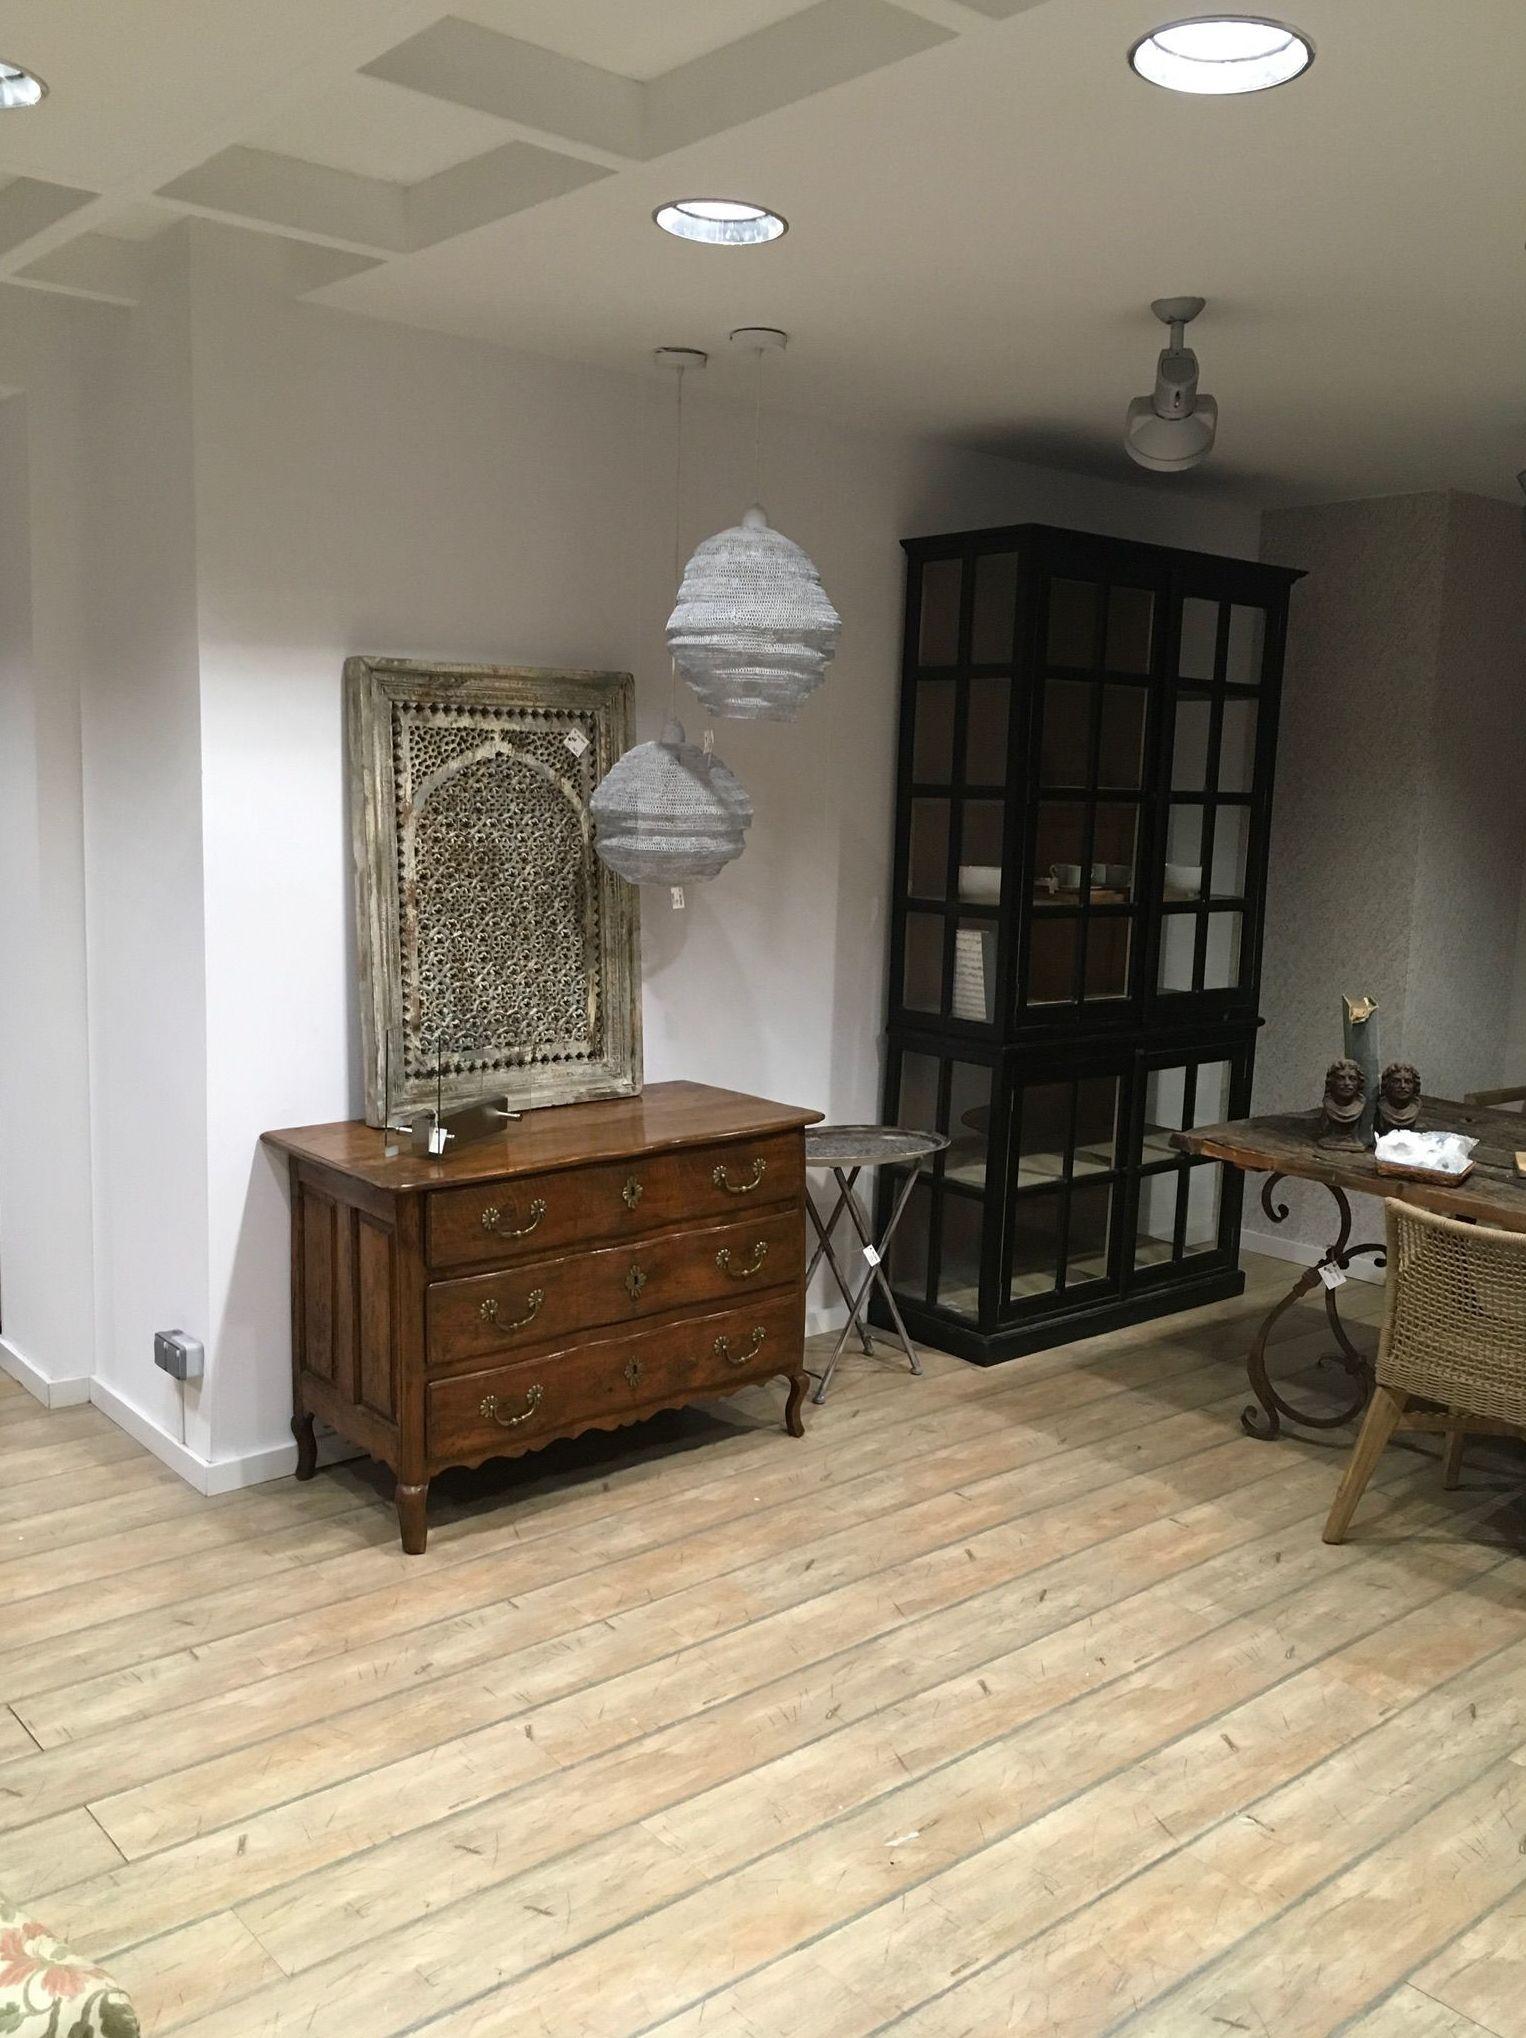 Foto 43 de Muebles y decoración en  | Ste Odile Decoración